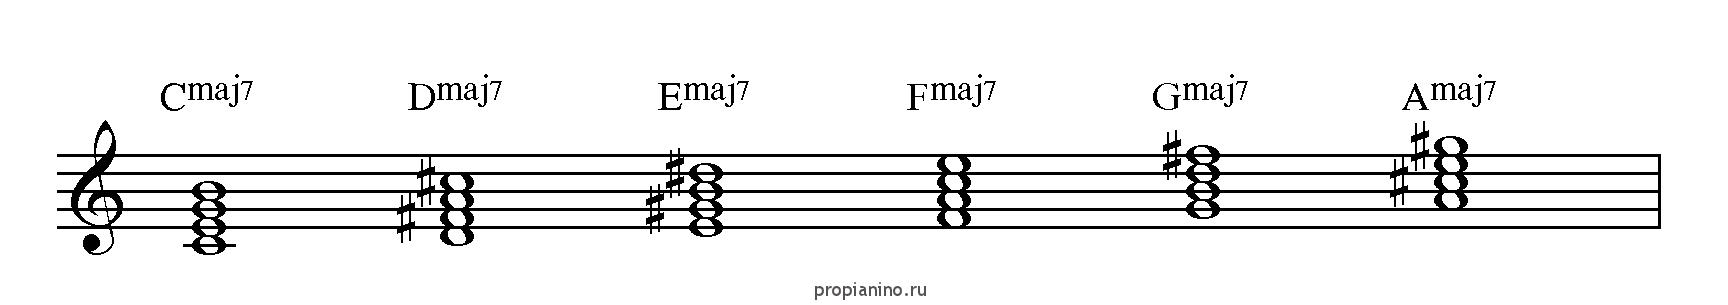 в нотах обозначается знаком